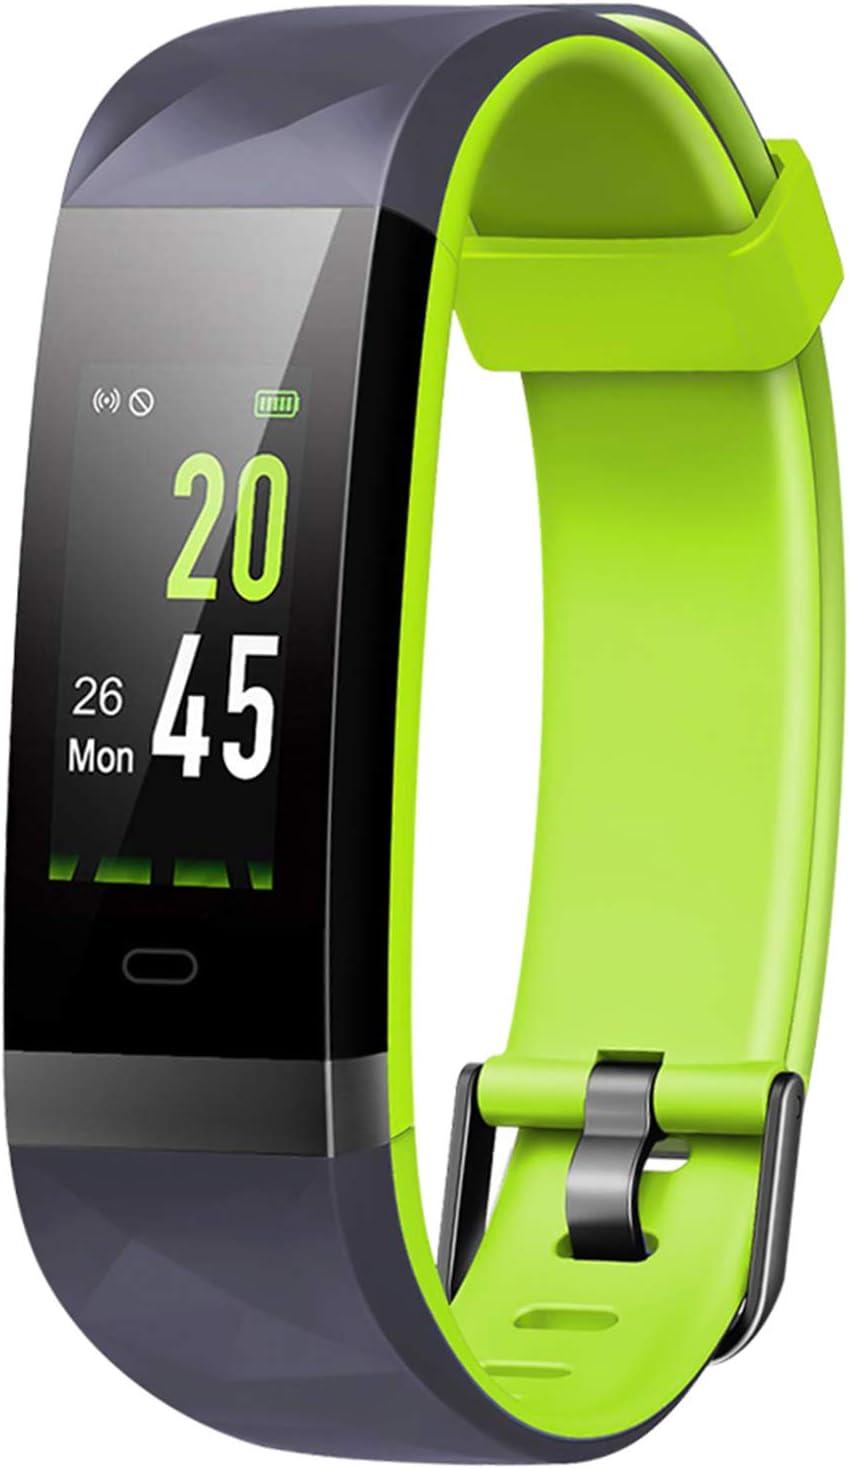 Monitor de actividad Lintelek con pantalla a color, IP68 impermeable, monitor de ritmo cardíaco, contador de calorías, podómetro delgado para niños, mujeres y hombres